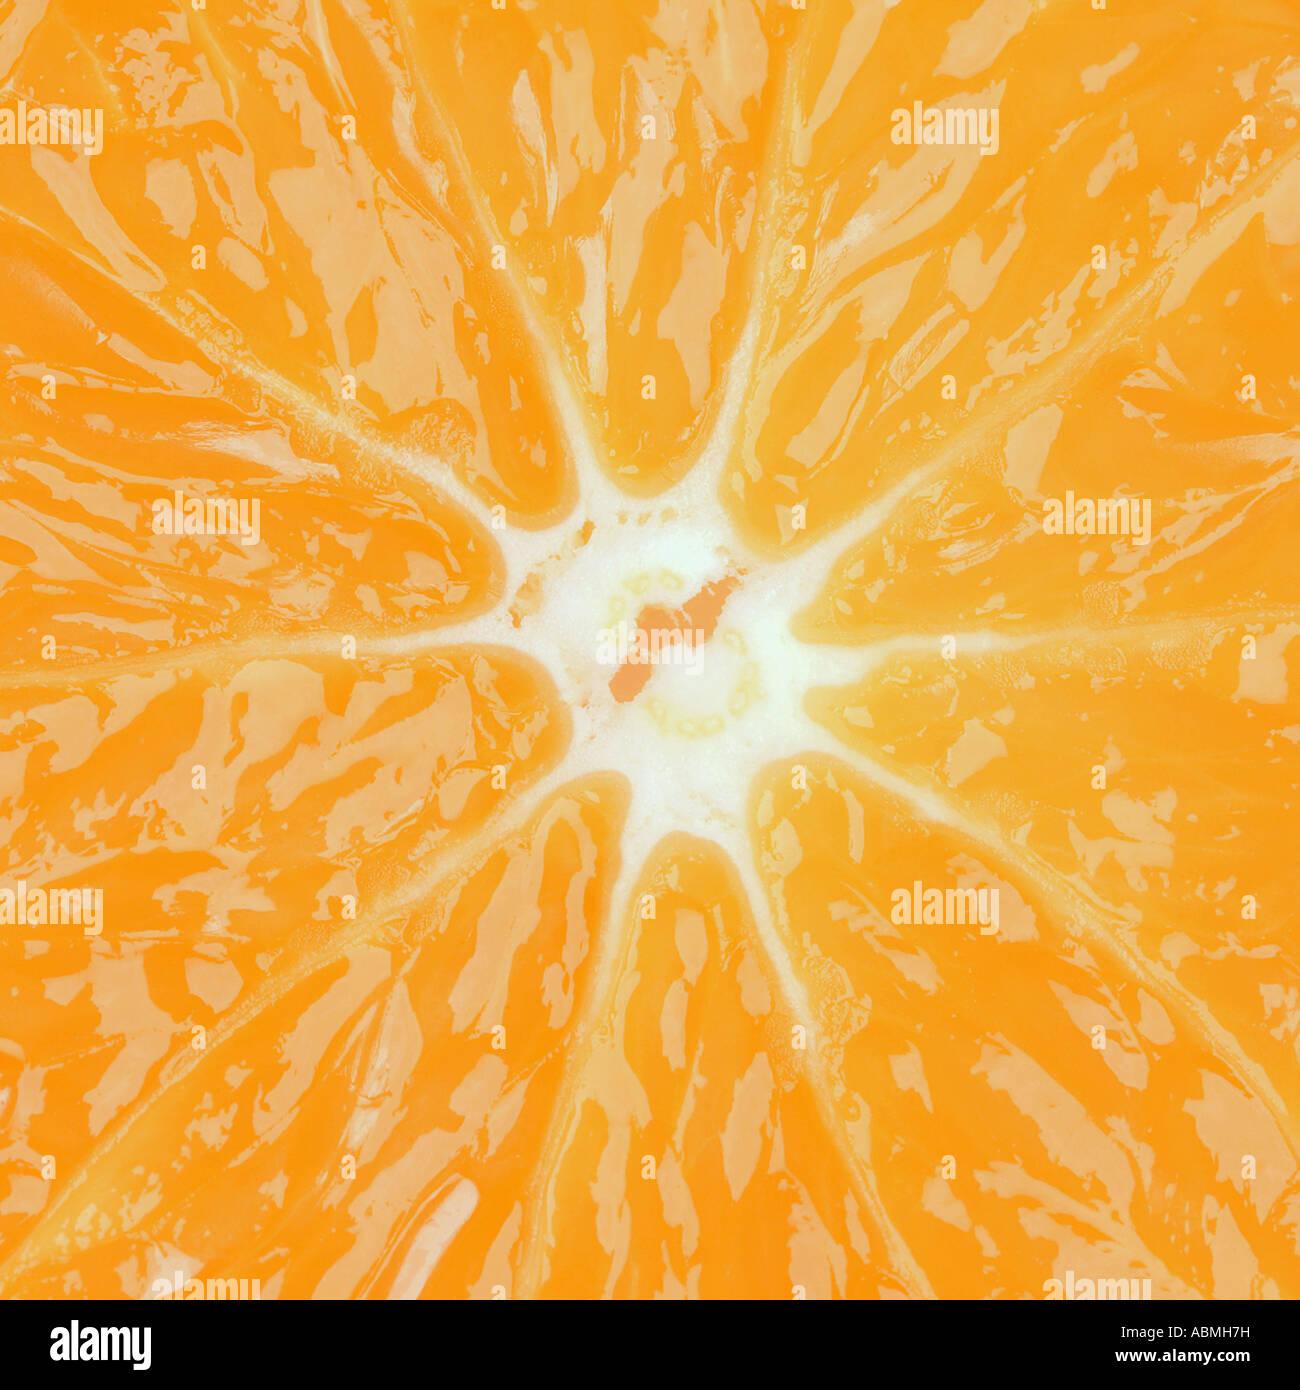 Ripresa macro di una fetta d'arancia formato quadrato Immagini Stock